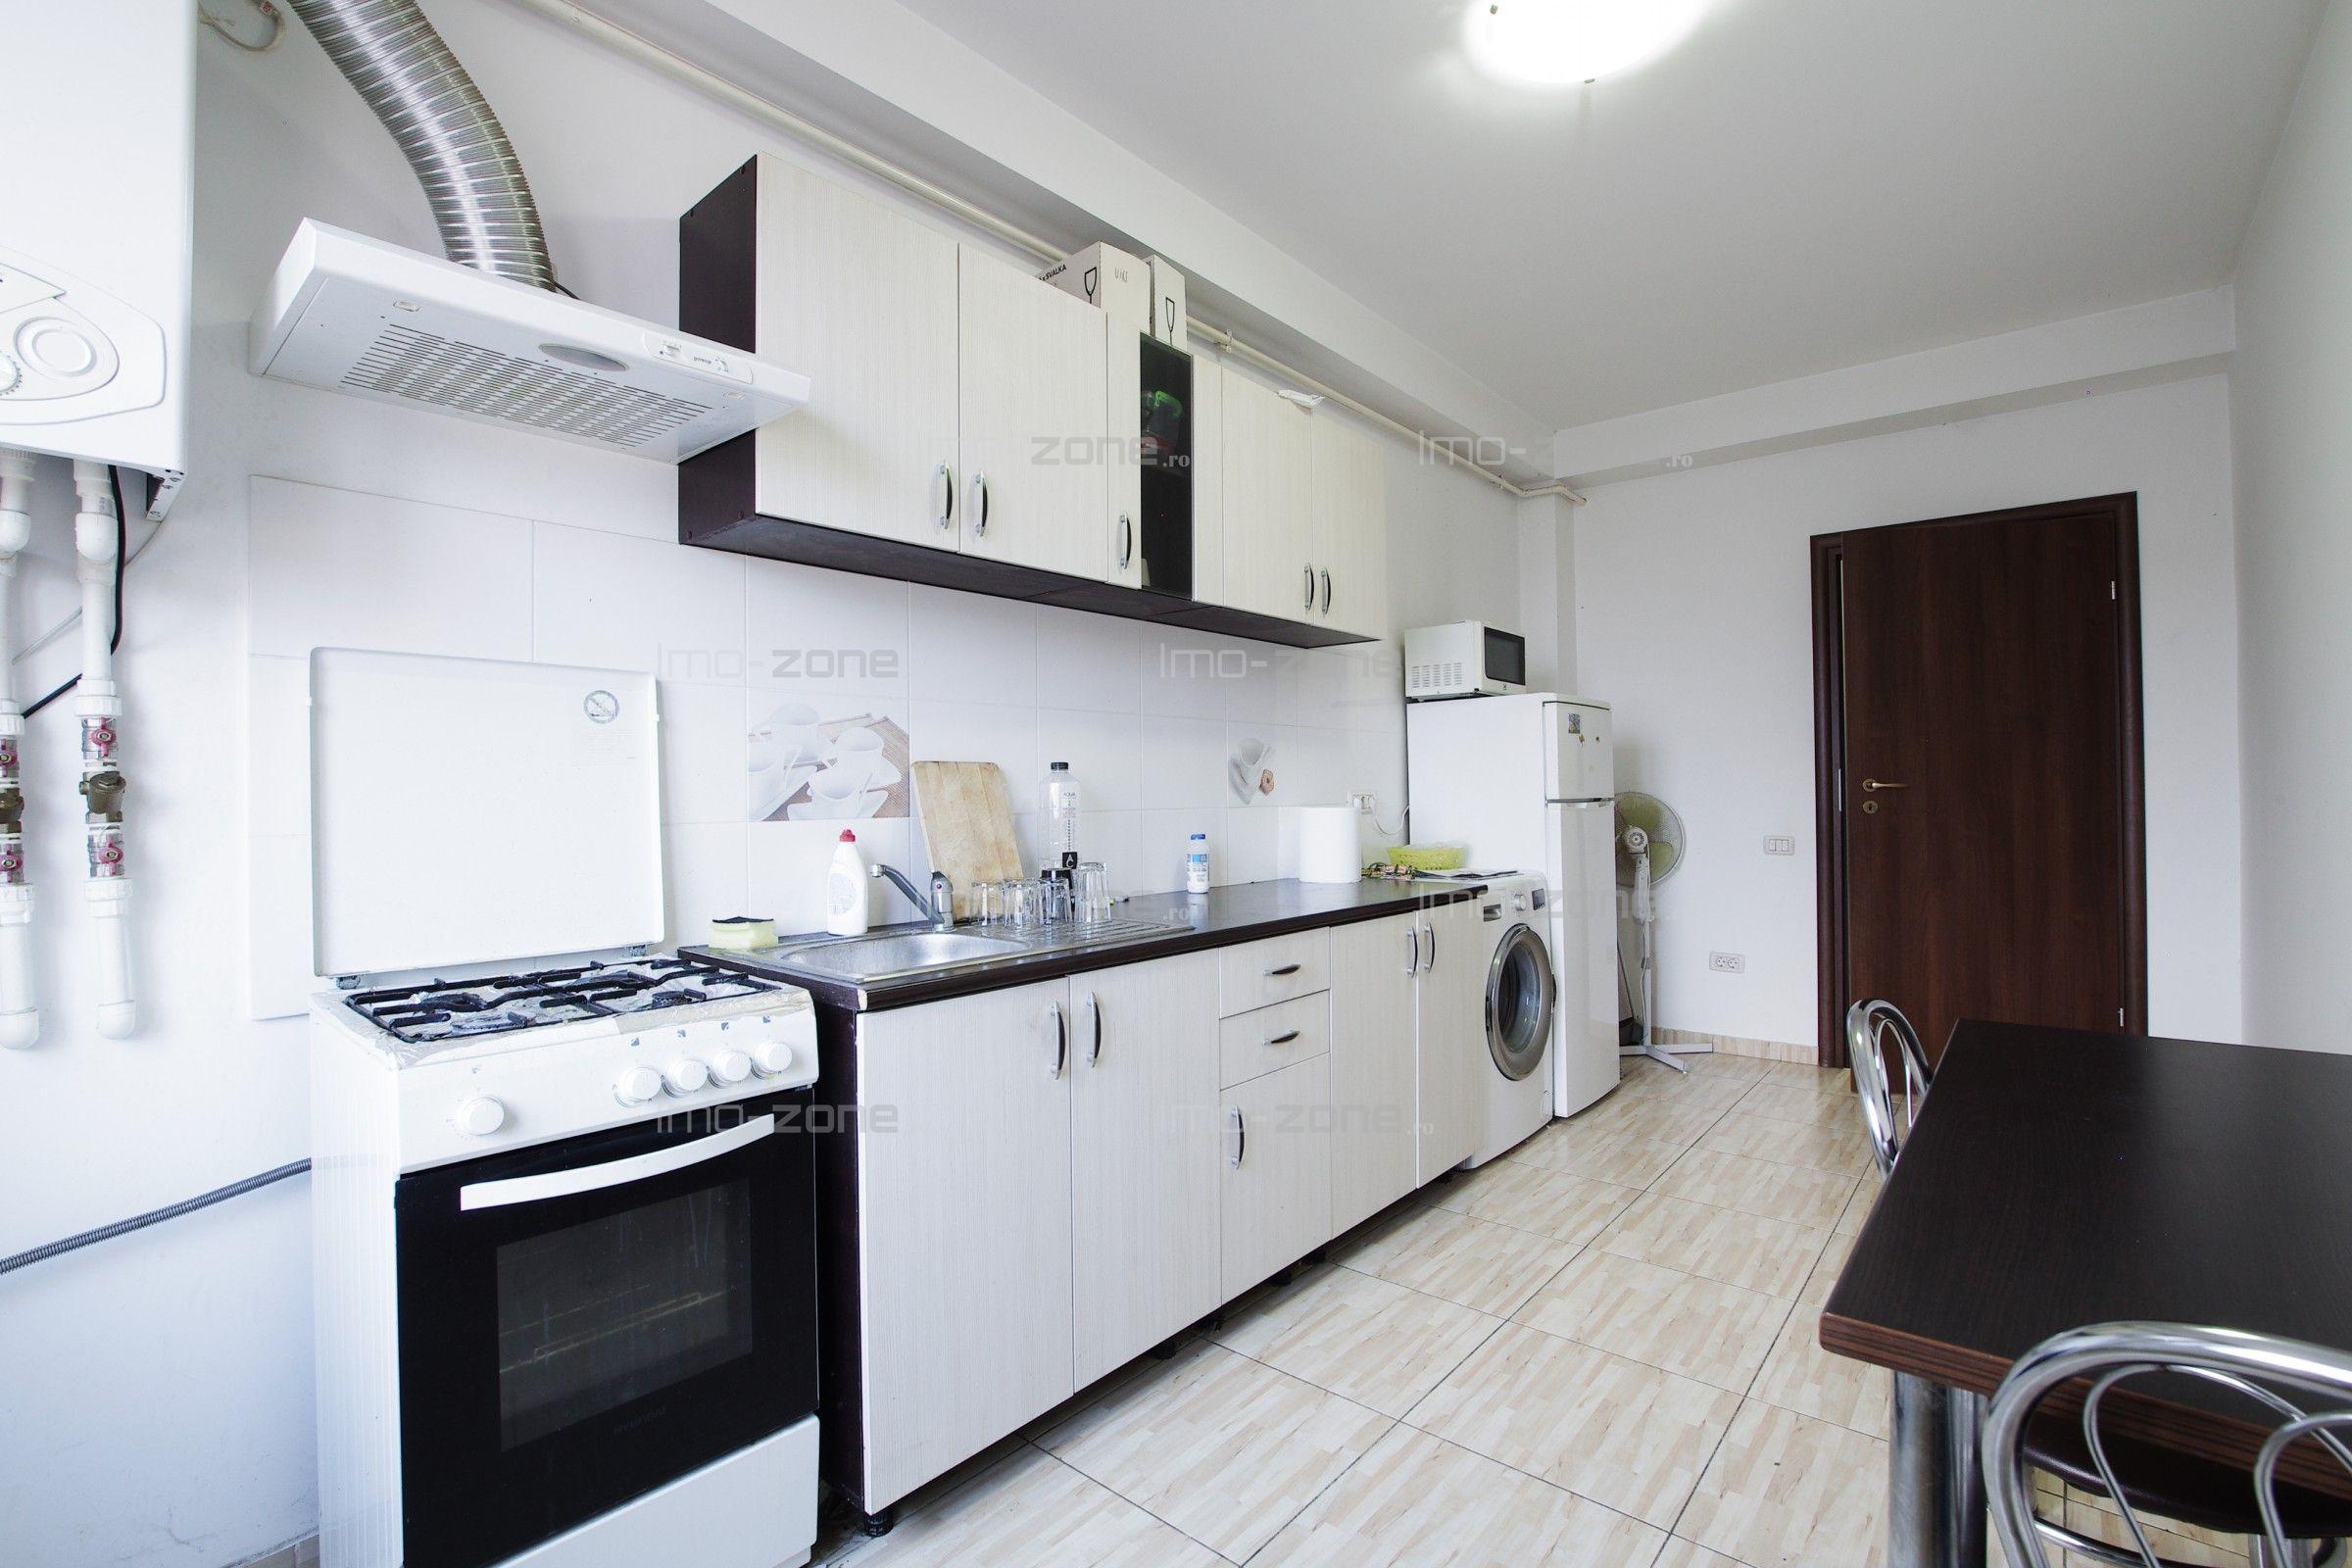 Apartament 2 camere Drumul Taberei - Cooperativei, 65 mp, finisat la cheie, RATB